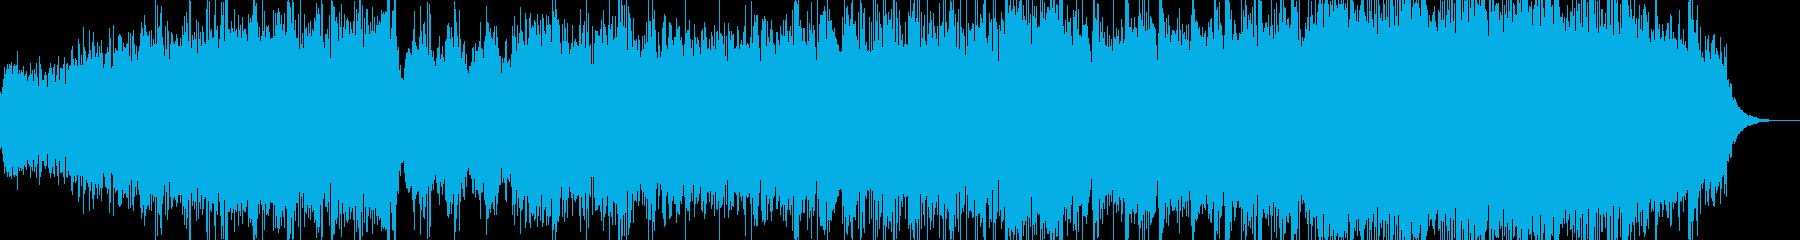 Blissの再生済みの波形